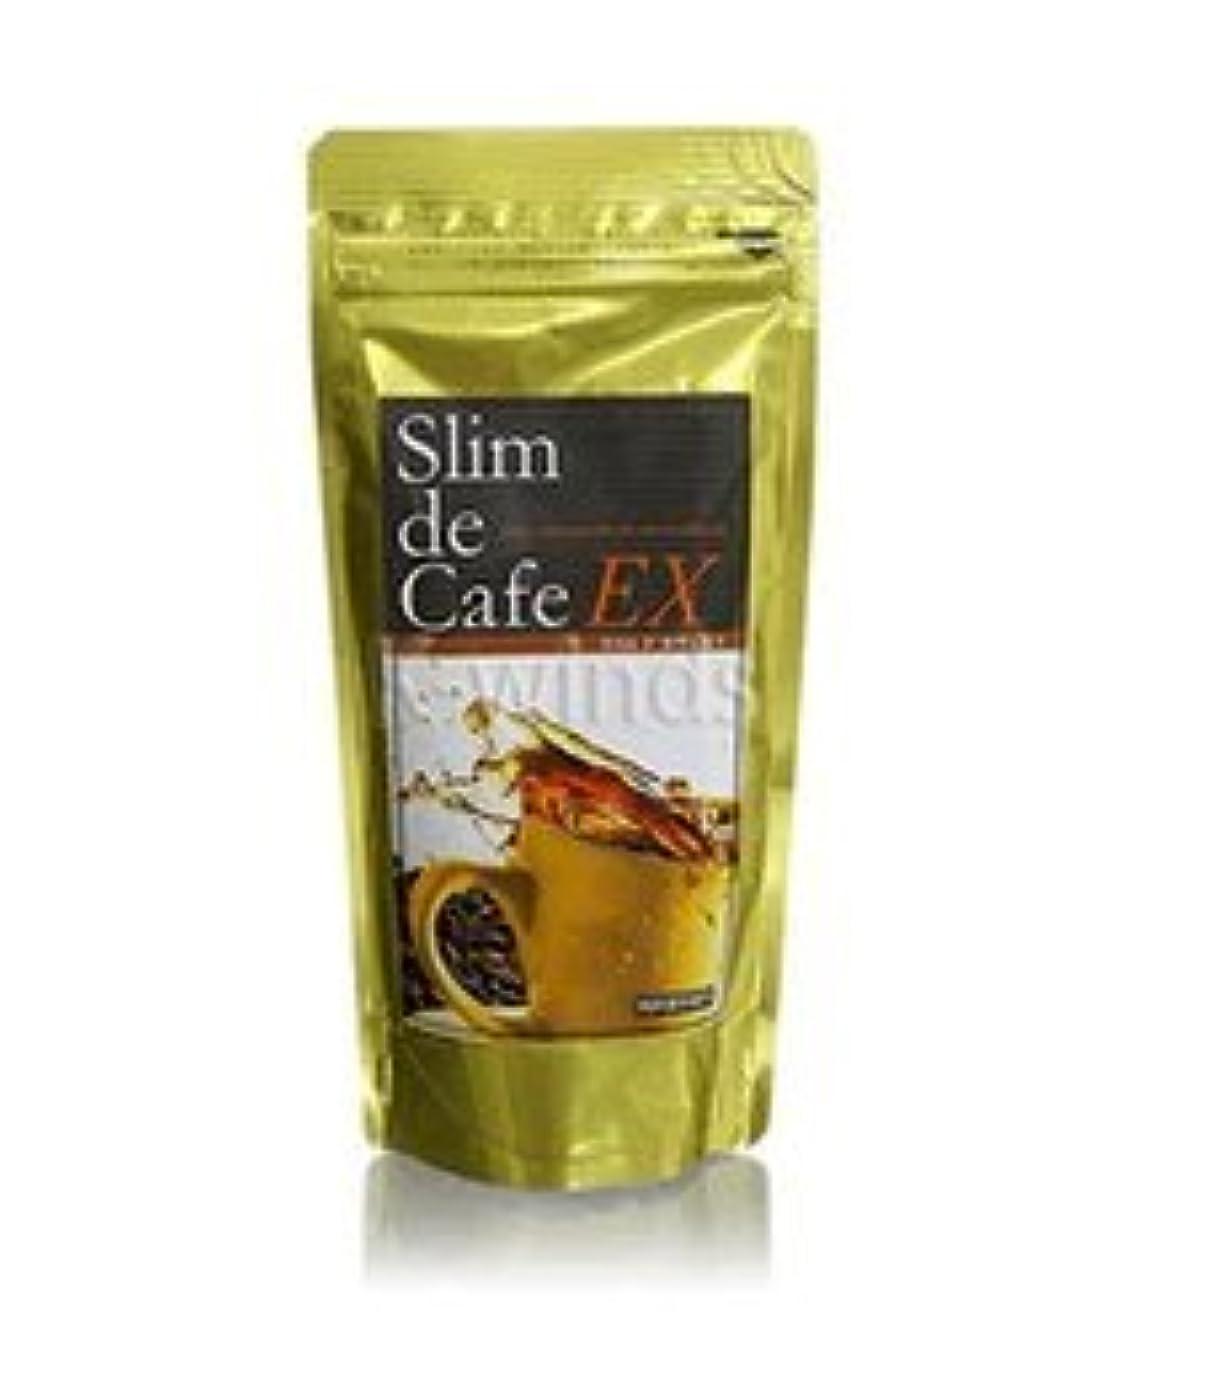 告白口契約するスーパー ダイエット コーヒー スリムドカフェEX